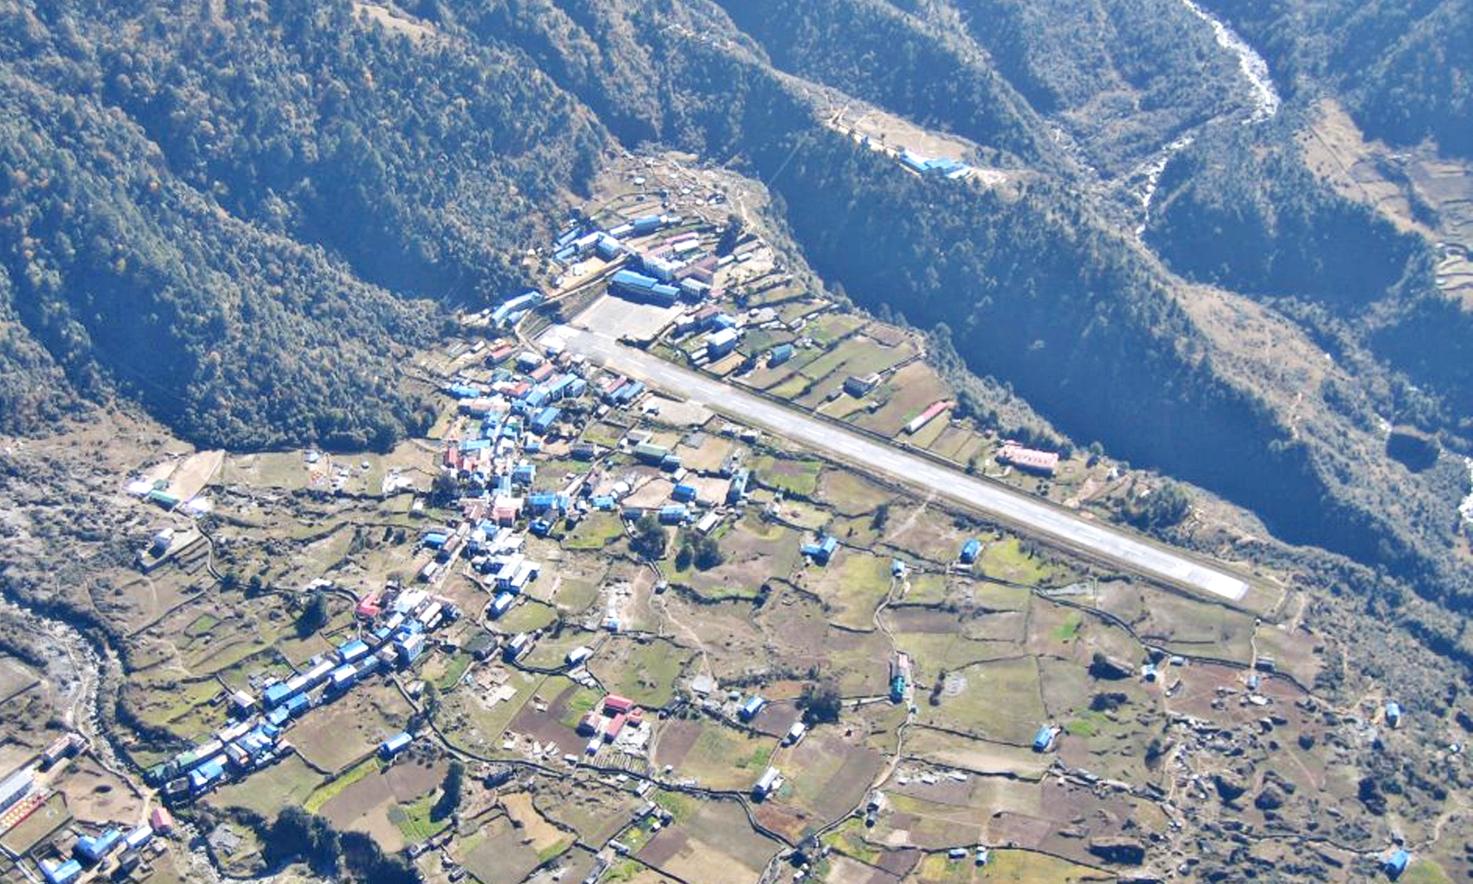 Взлётно-посадочная полоса аэропорта Лукла (Lukla) в Непале